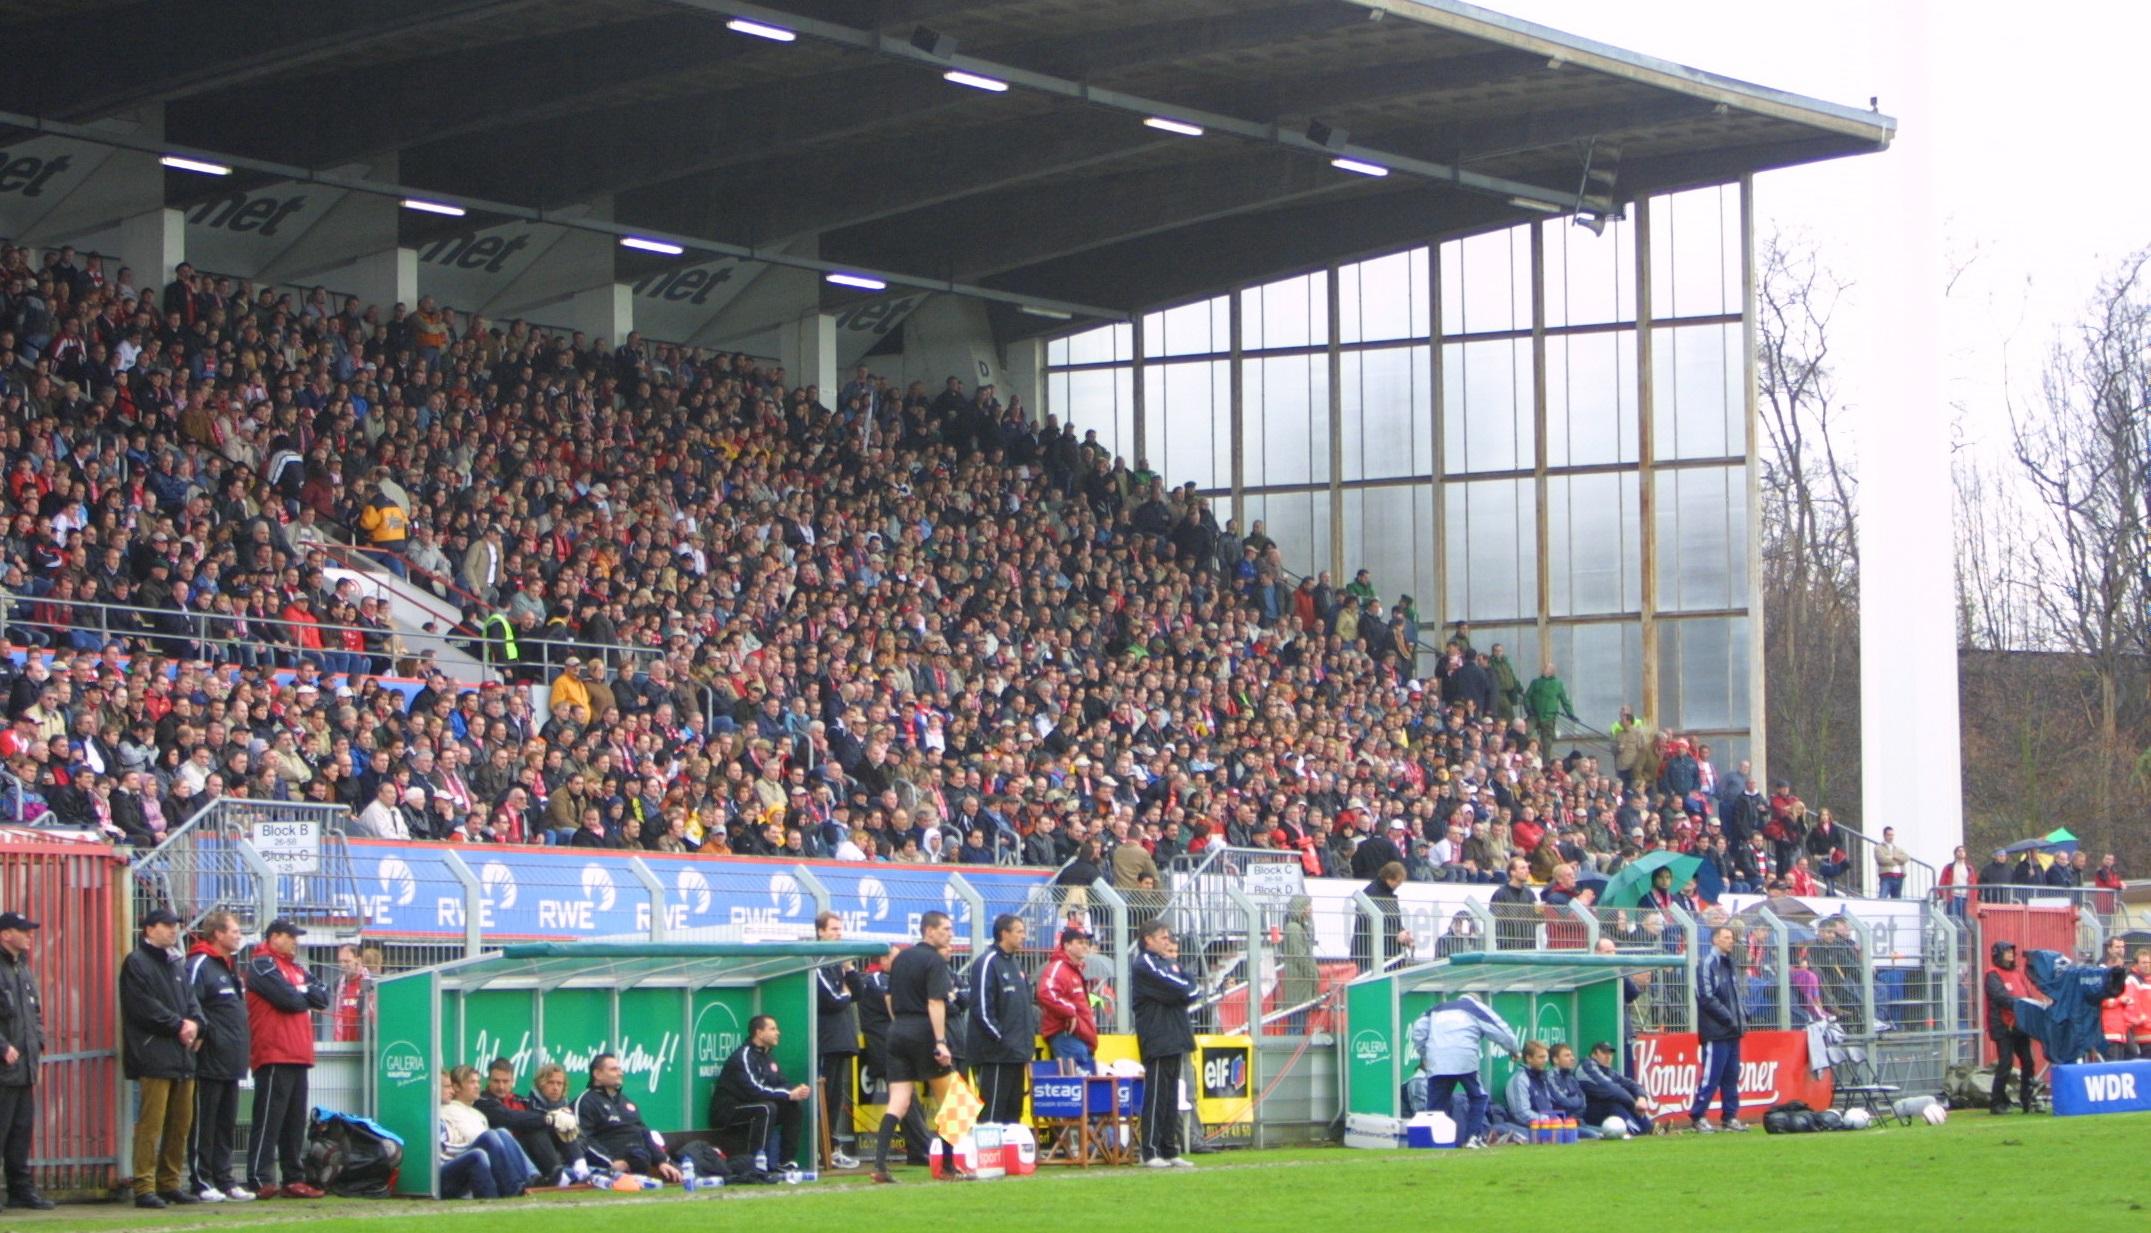 Rappelvolles Georg-Melches-Stadion: In den beiden letzten siegreichen Spielzeiten gegen Kiel – 2004 und hier beim 2:1-Heimsieg 2006 – stand am Ende der Aufstieg in die 2. Bundesliga an. (Foto: Holstein Kiel)